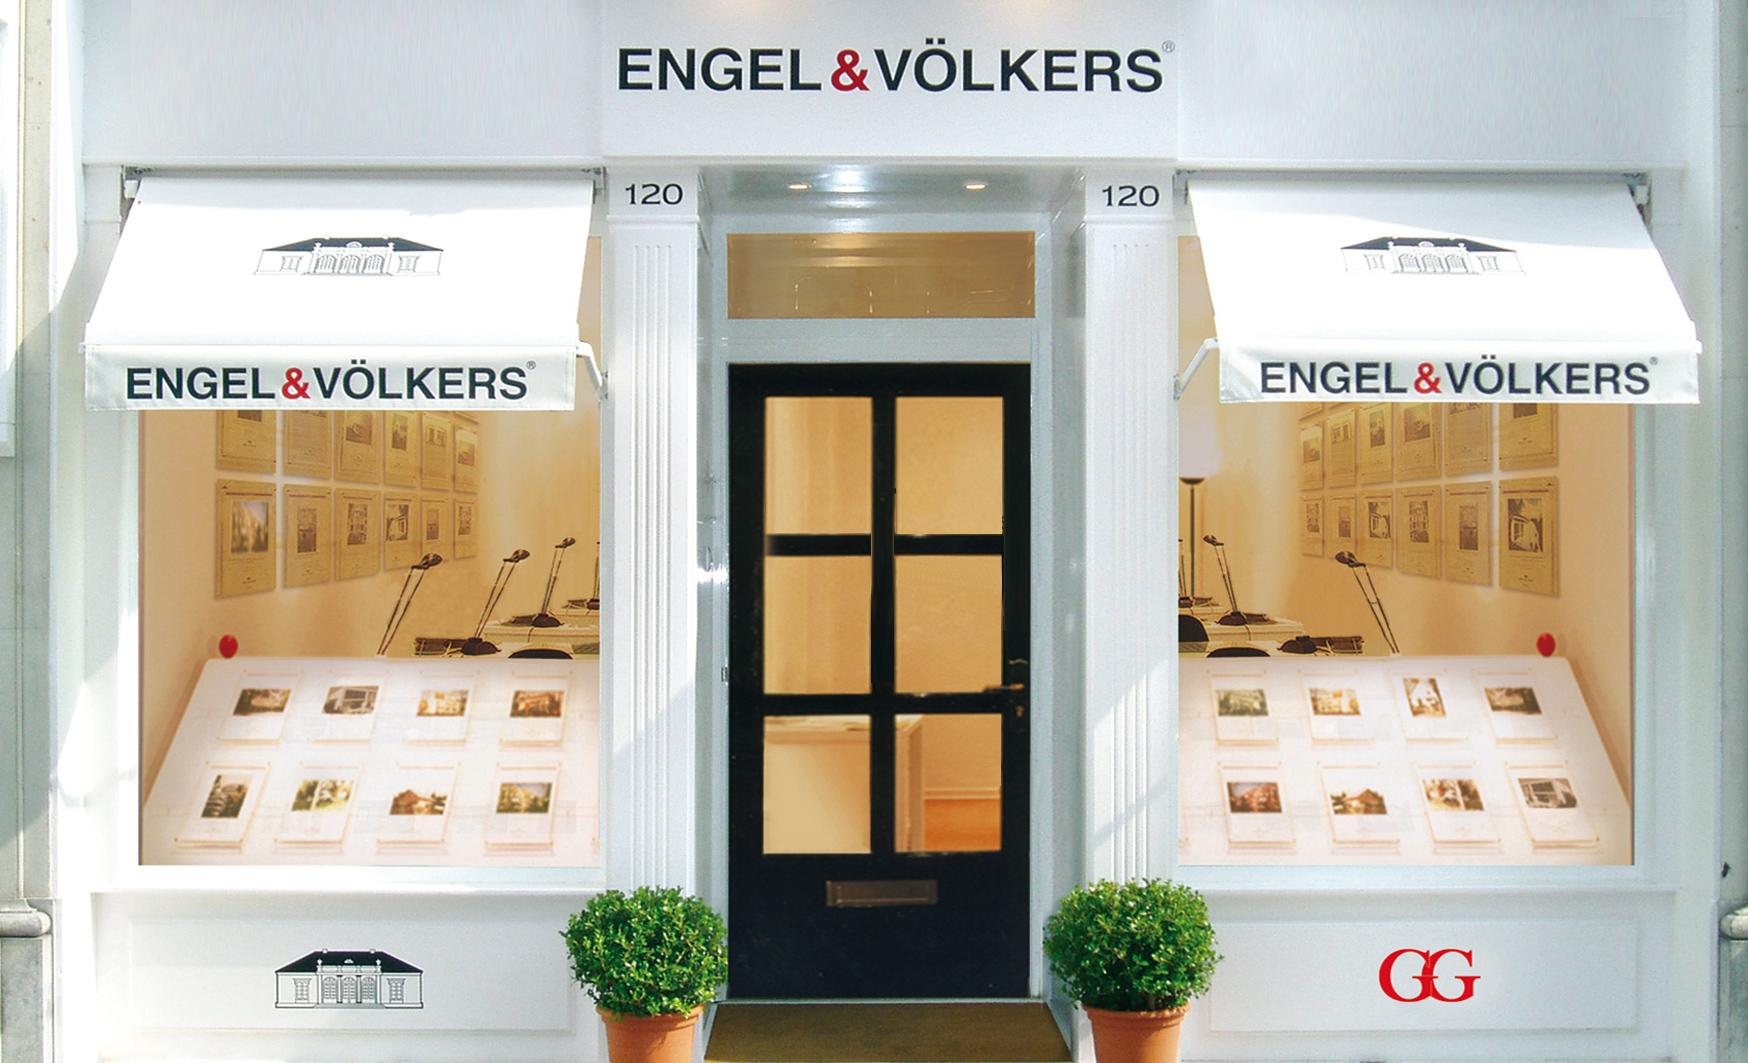 Inmobiliaria Engel&Völkers apuesta por reforzar su presencia en Andalucía